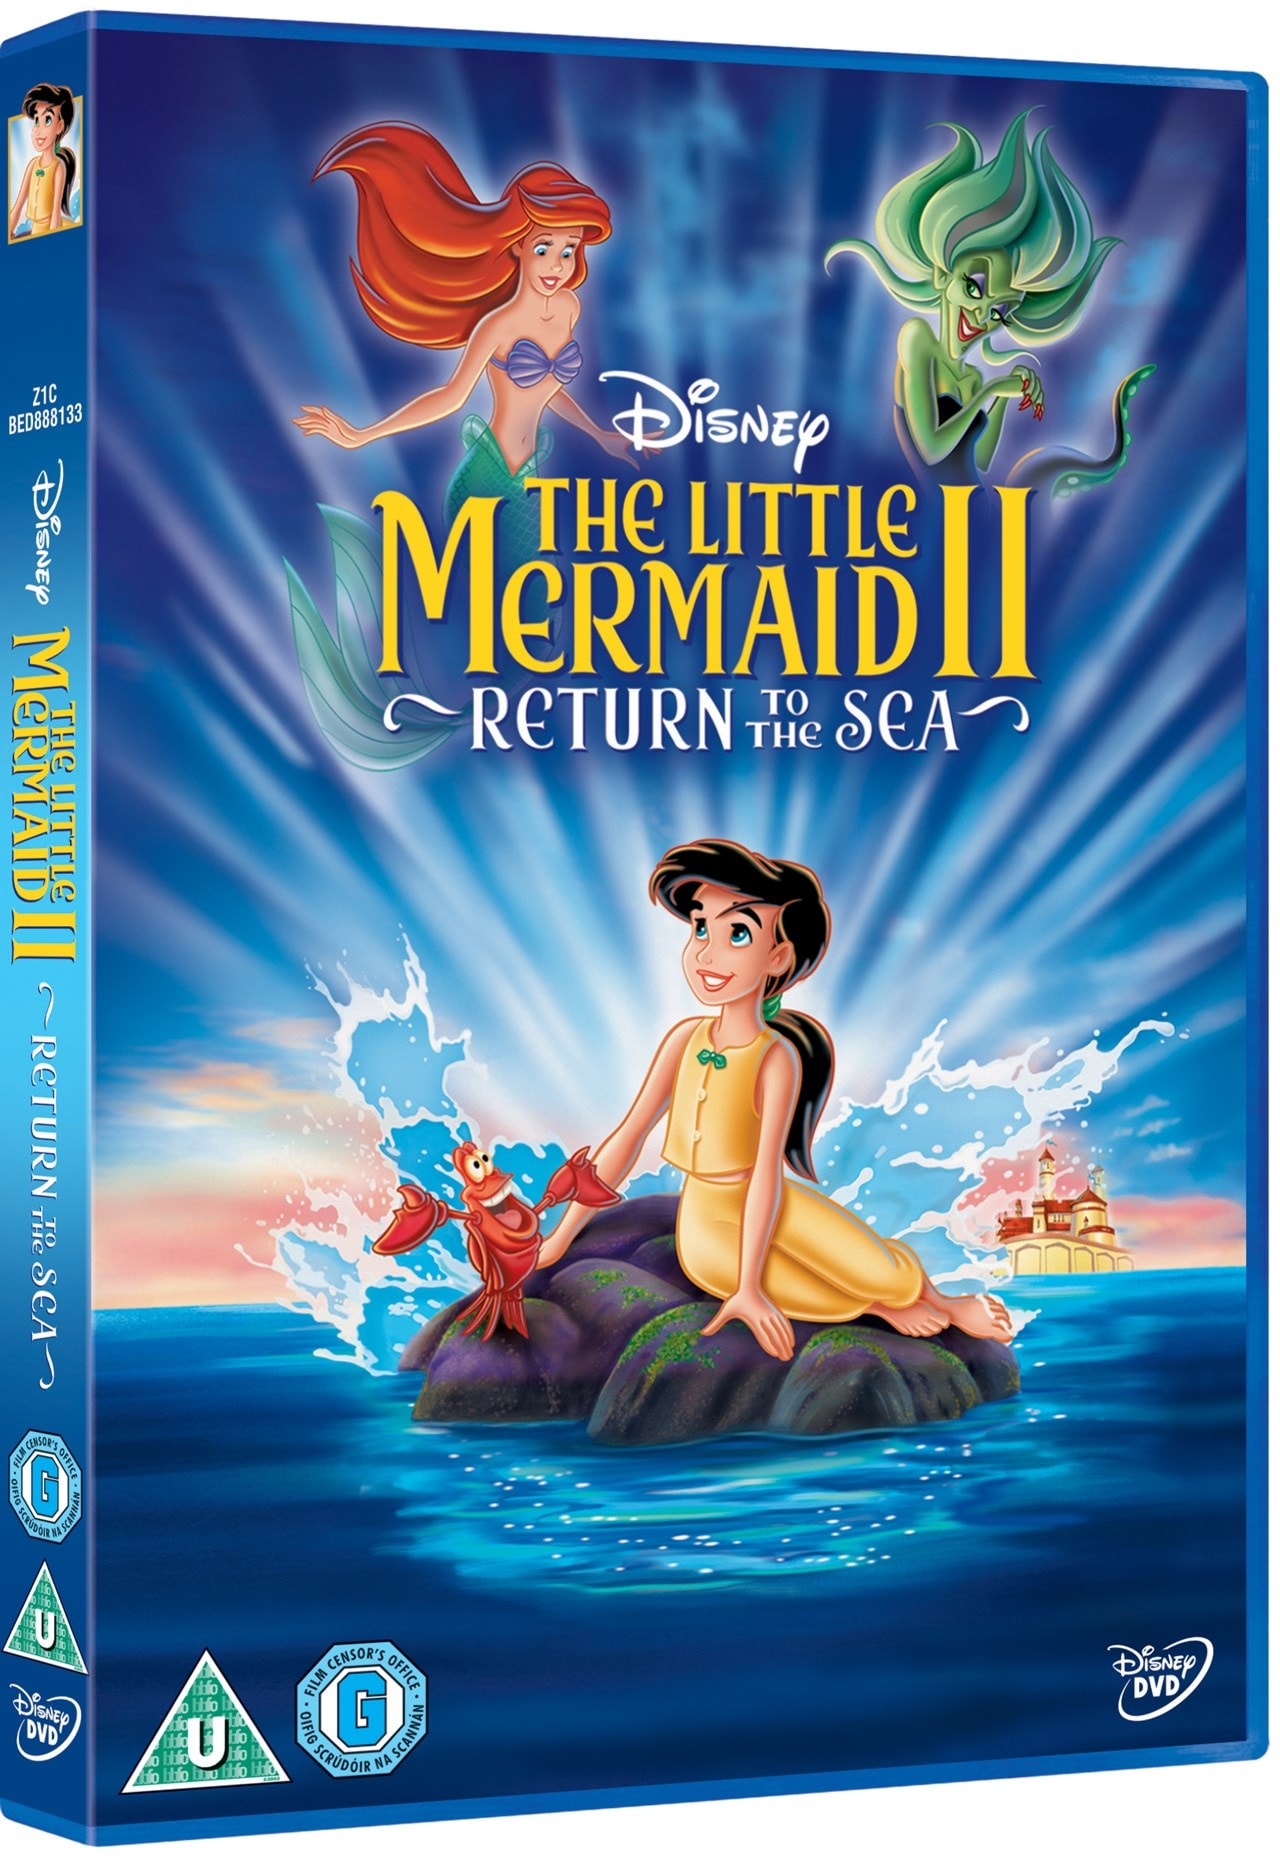 The Little Mermaid II - Return to the Sea - 2